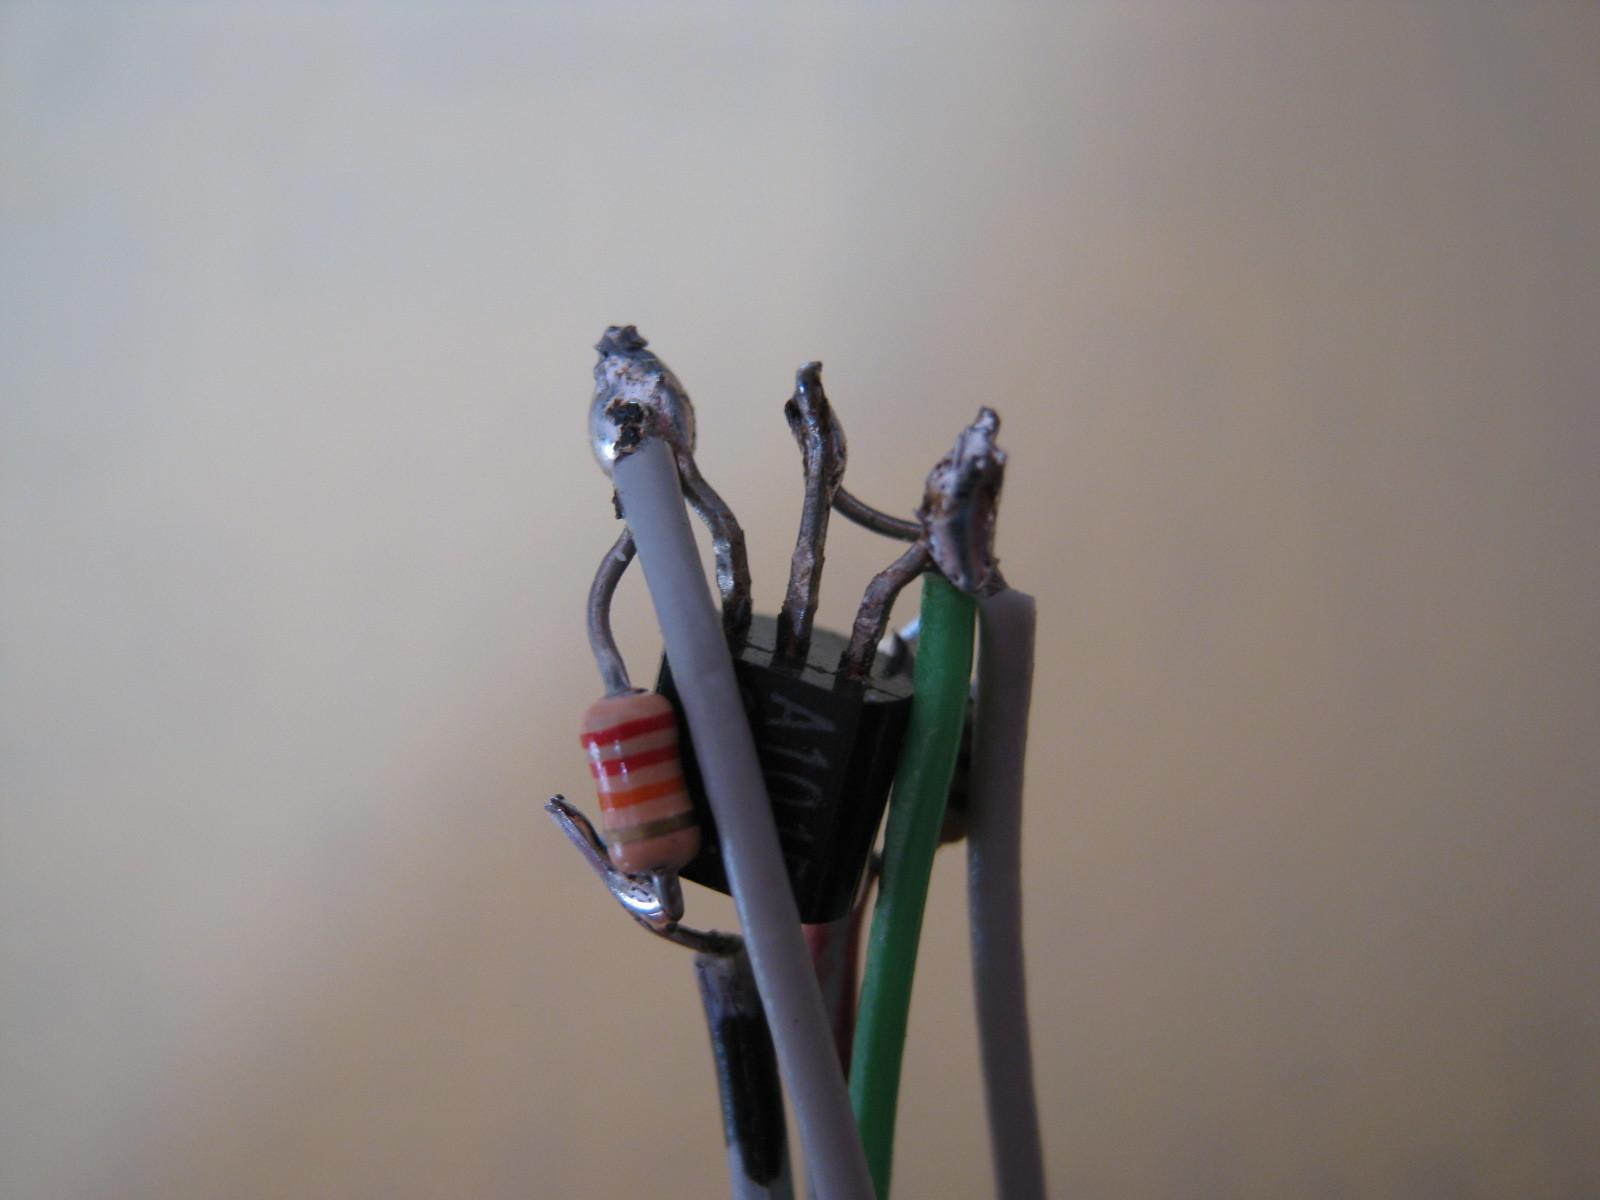 おともだちハローキティ(プルアップ回路外付け)実装1